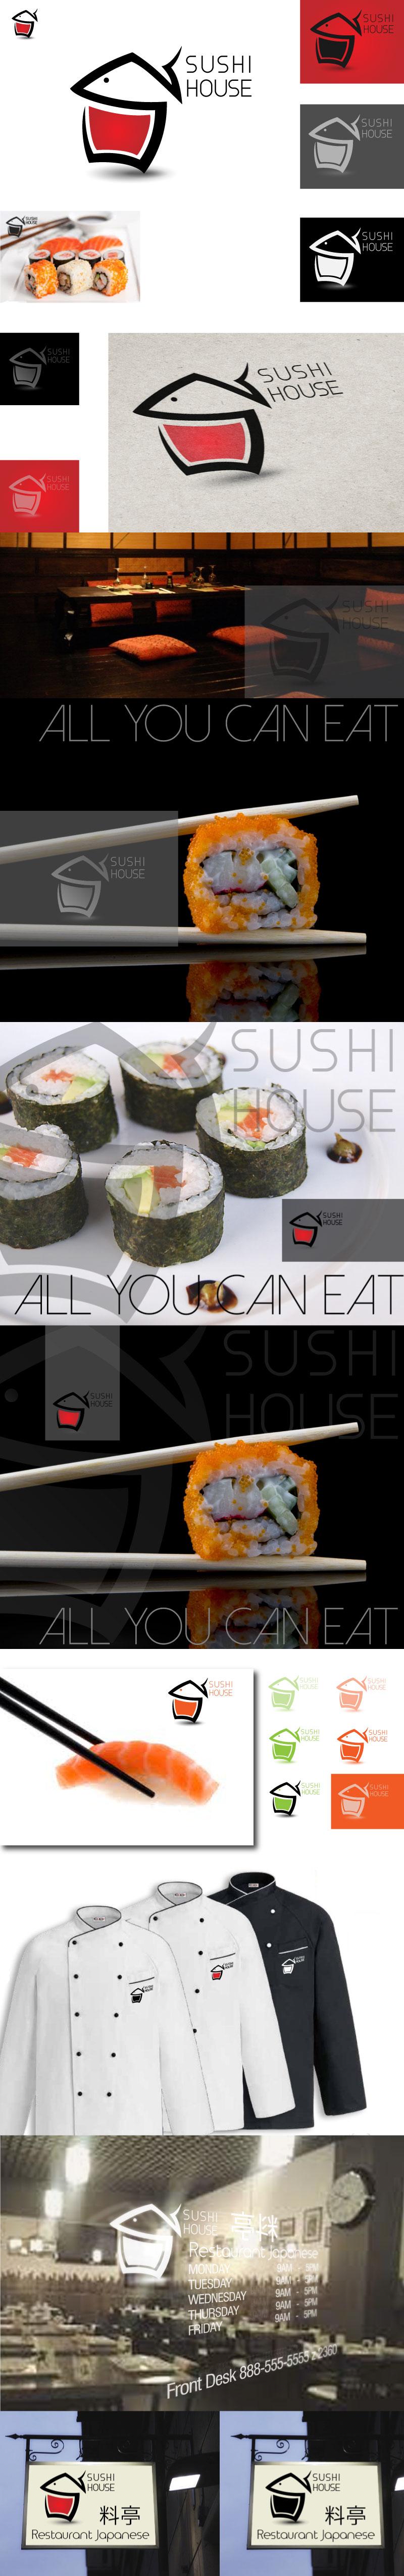 sushihouse8